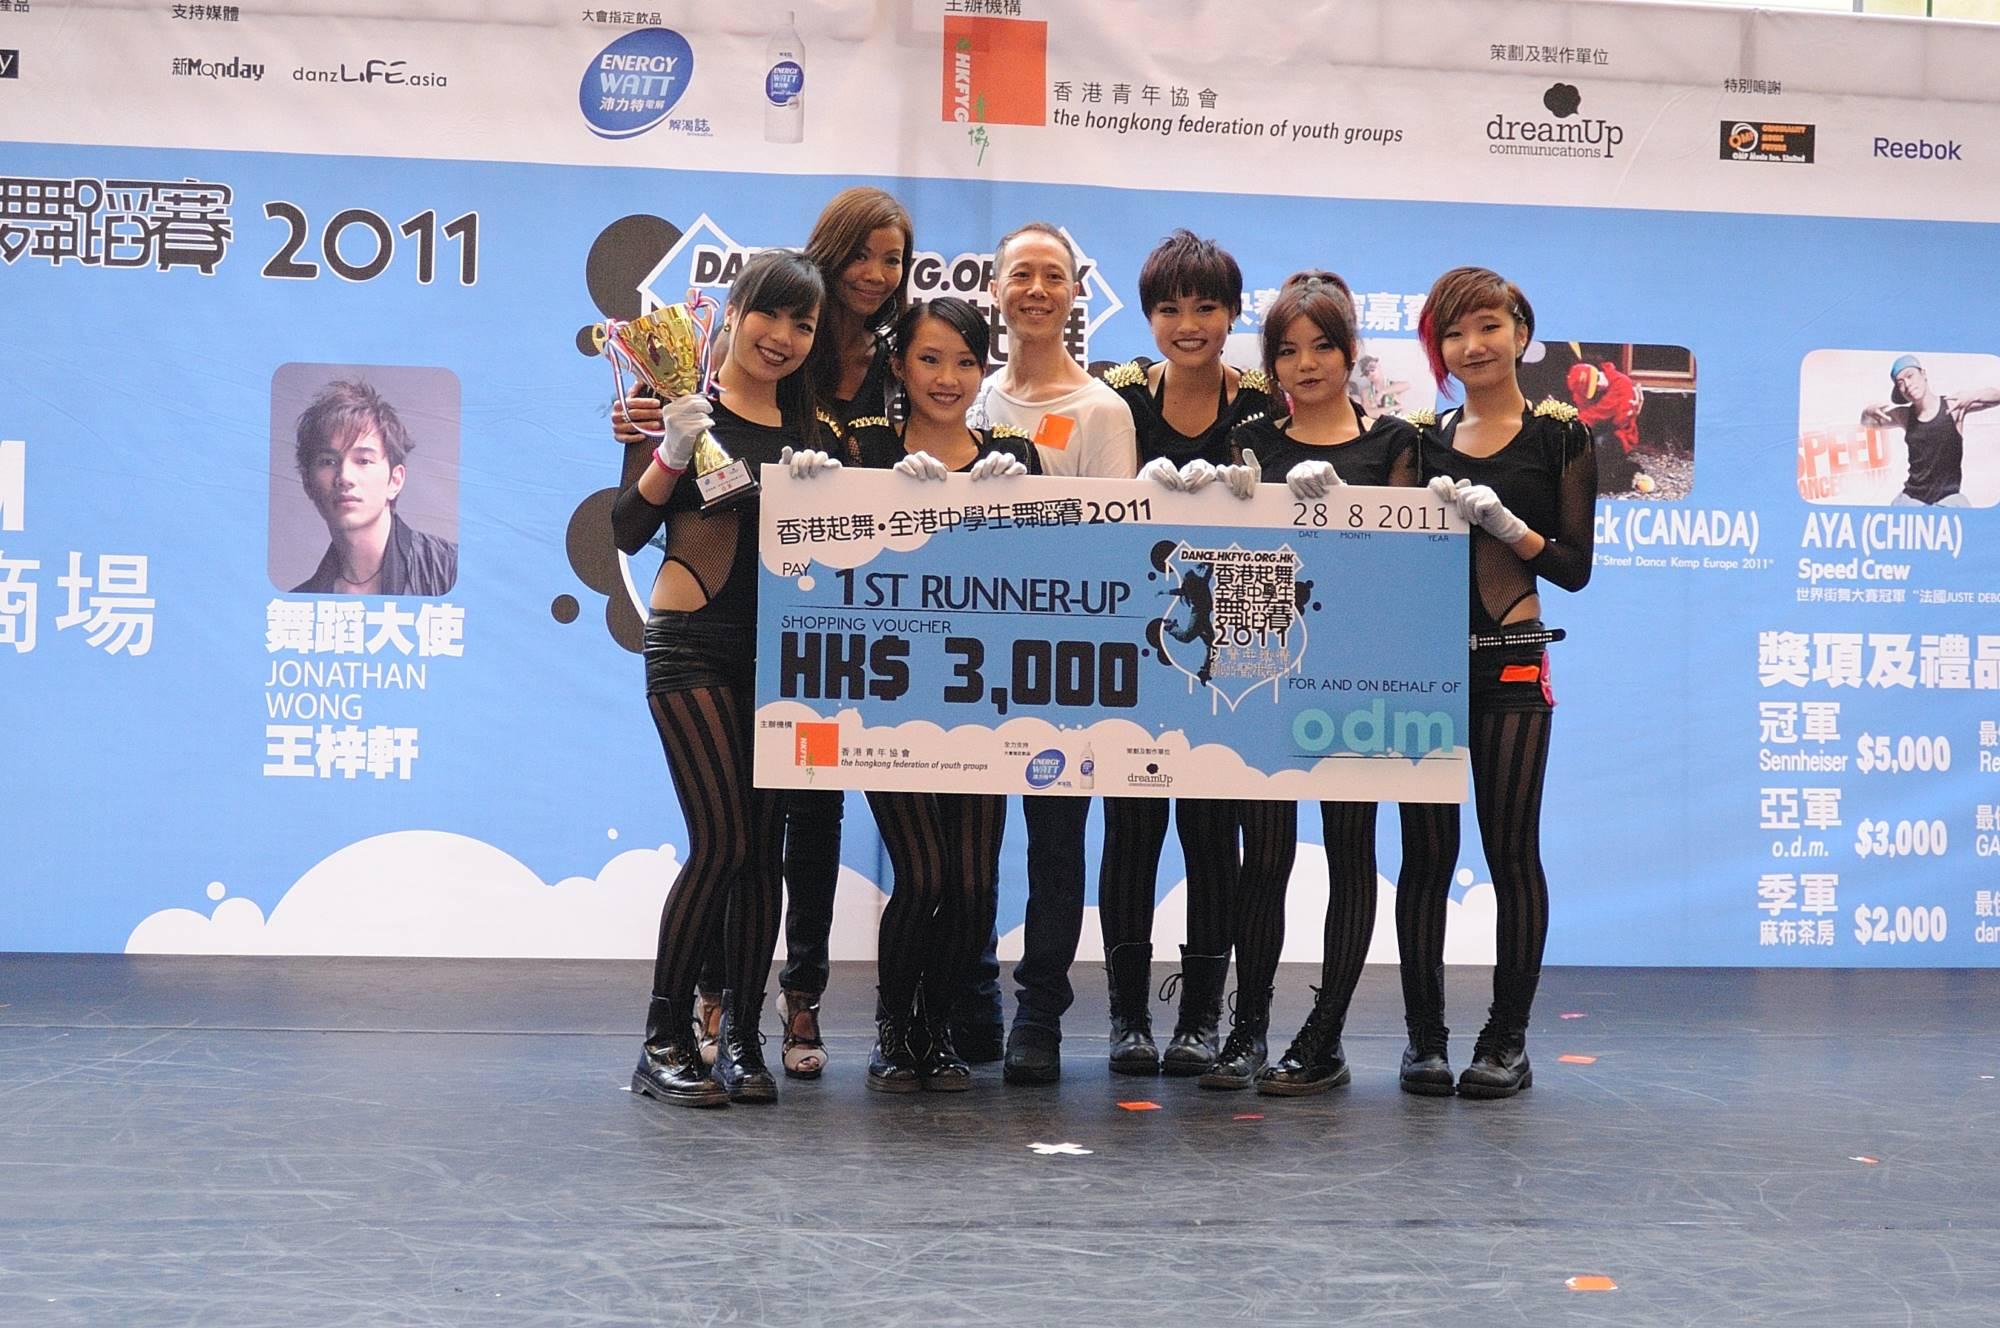 全港中學生舞蹈賽2011得獎隊伍 (1)